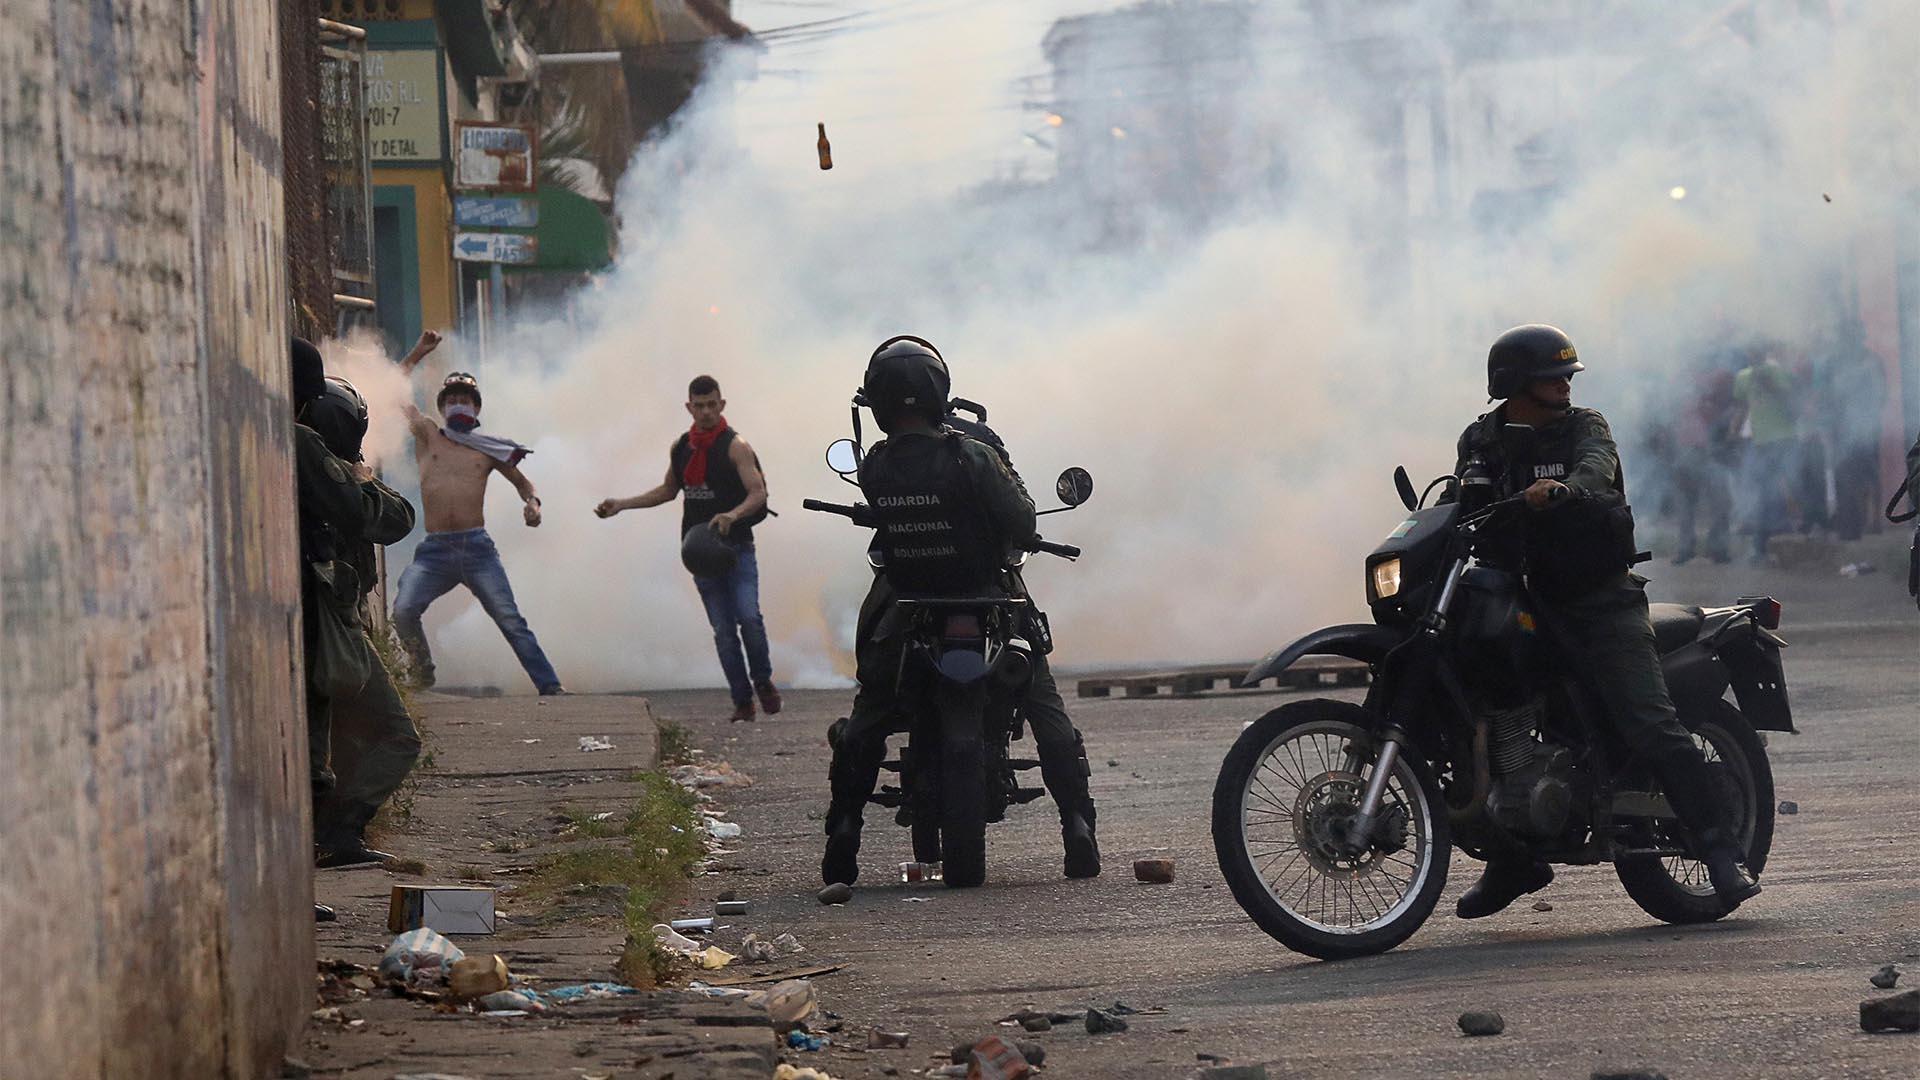 Los venezolanos chocaron con las fuerzas chavistas en la frontera con Colombia (Reuters)